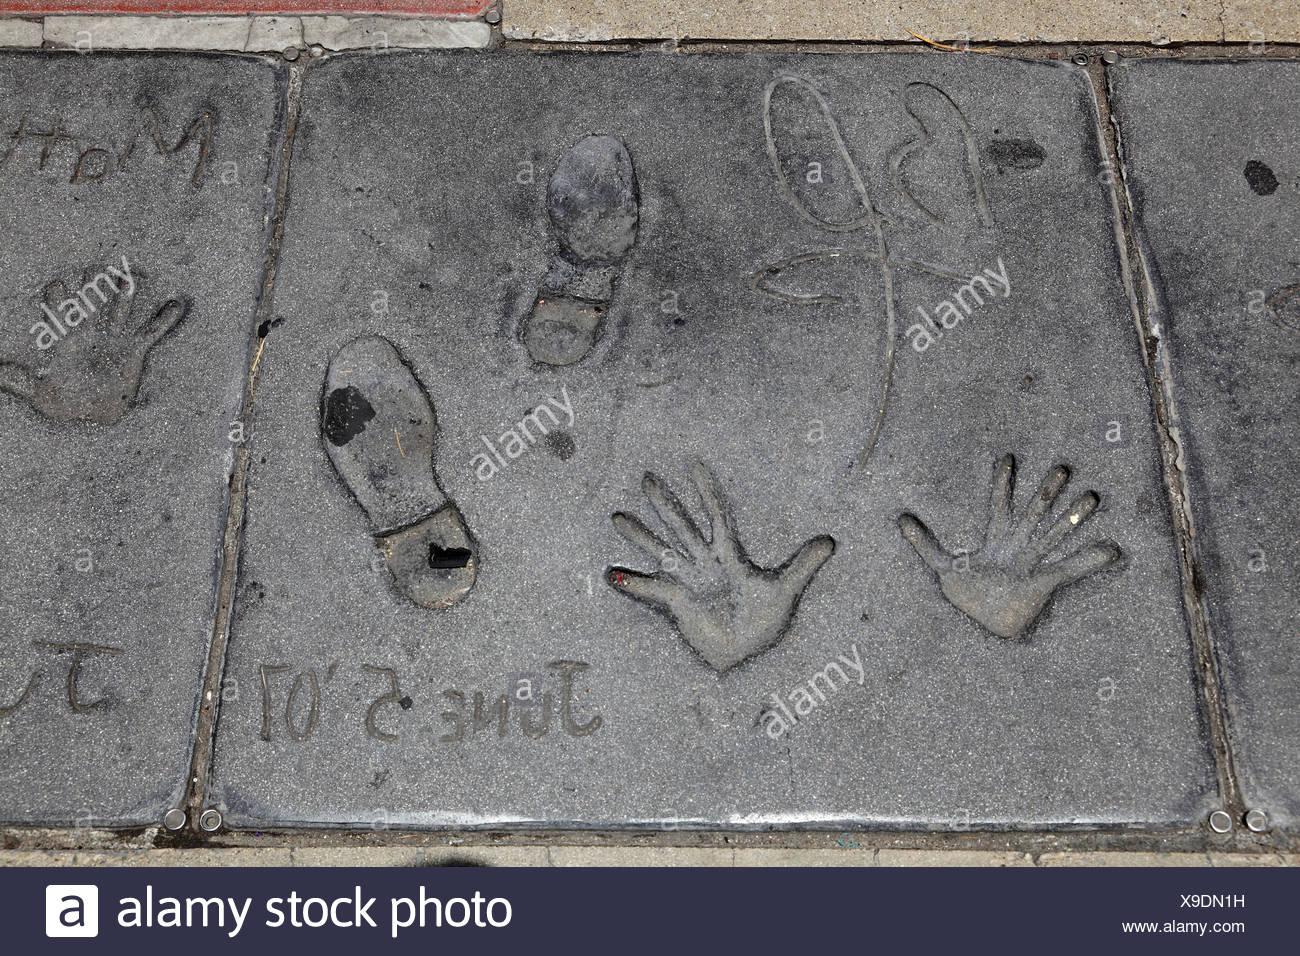 Pitt, Brad, * 18.12.1963, US-amerikanischer Schauspieler, Hand- und Schuh Drucke, Grauman's Chinese Theater, Hollywood Blvd., Hollywood, Los Angeles, Kalifornien, USA, Additional-Rights-Spiel-NA Stockbild